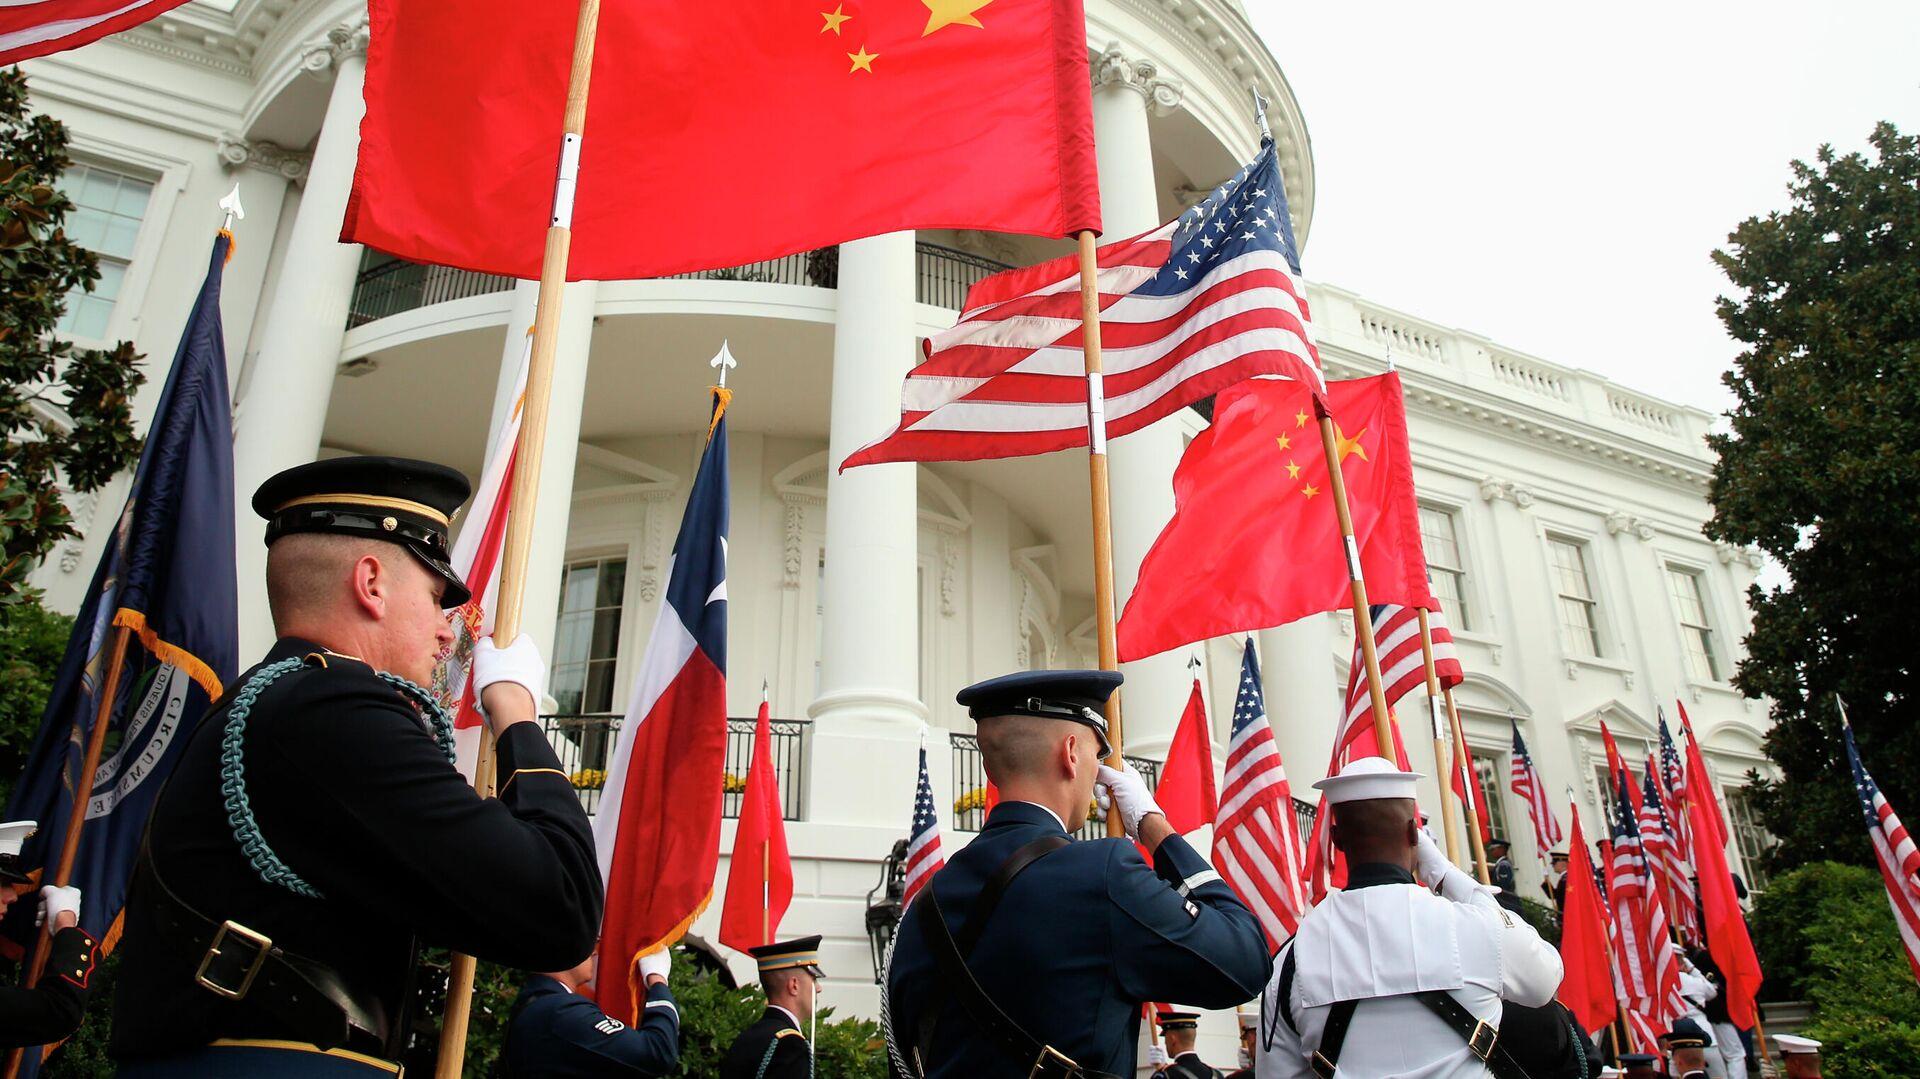 Военнослужащие США с флагами США и Китая на фоне Белого дома в Вашингтоне - РИА Новости, 1920, 01.04.2021